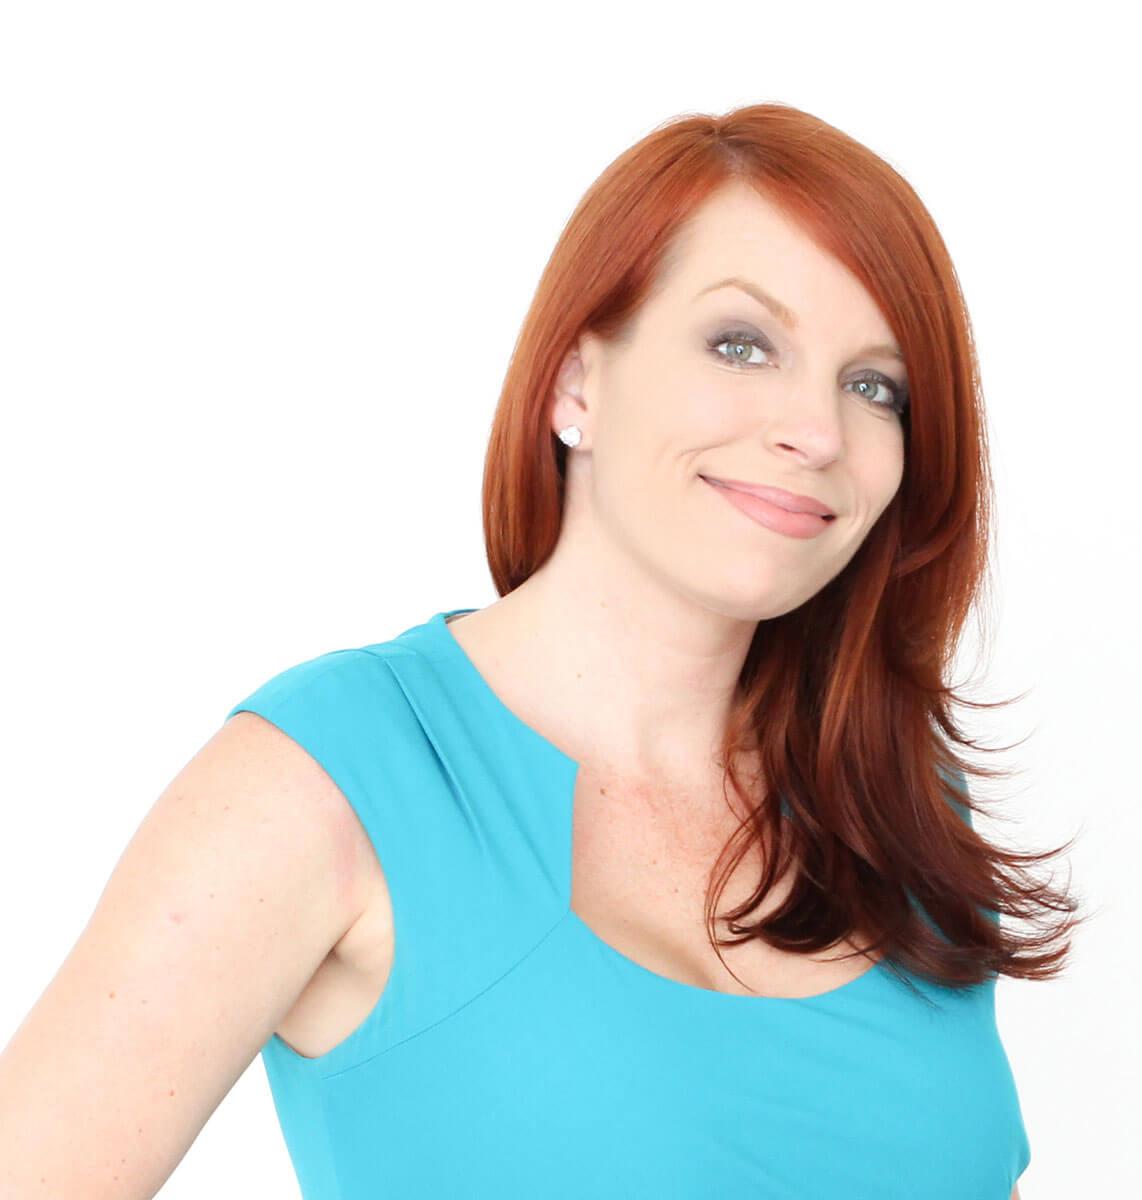 Stephanie Darden Bennett - Prismatic President and Co-founder